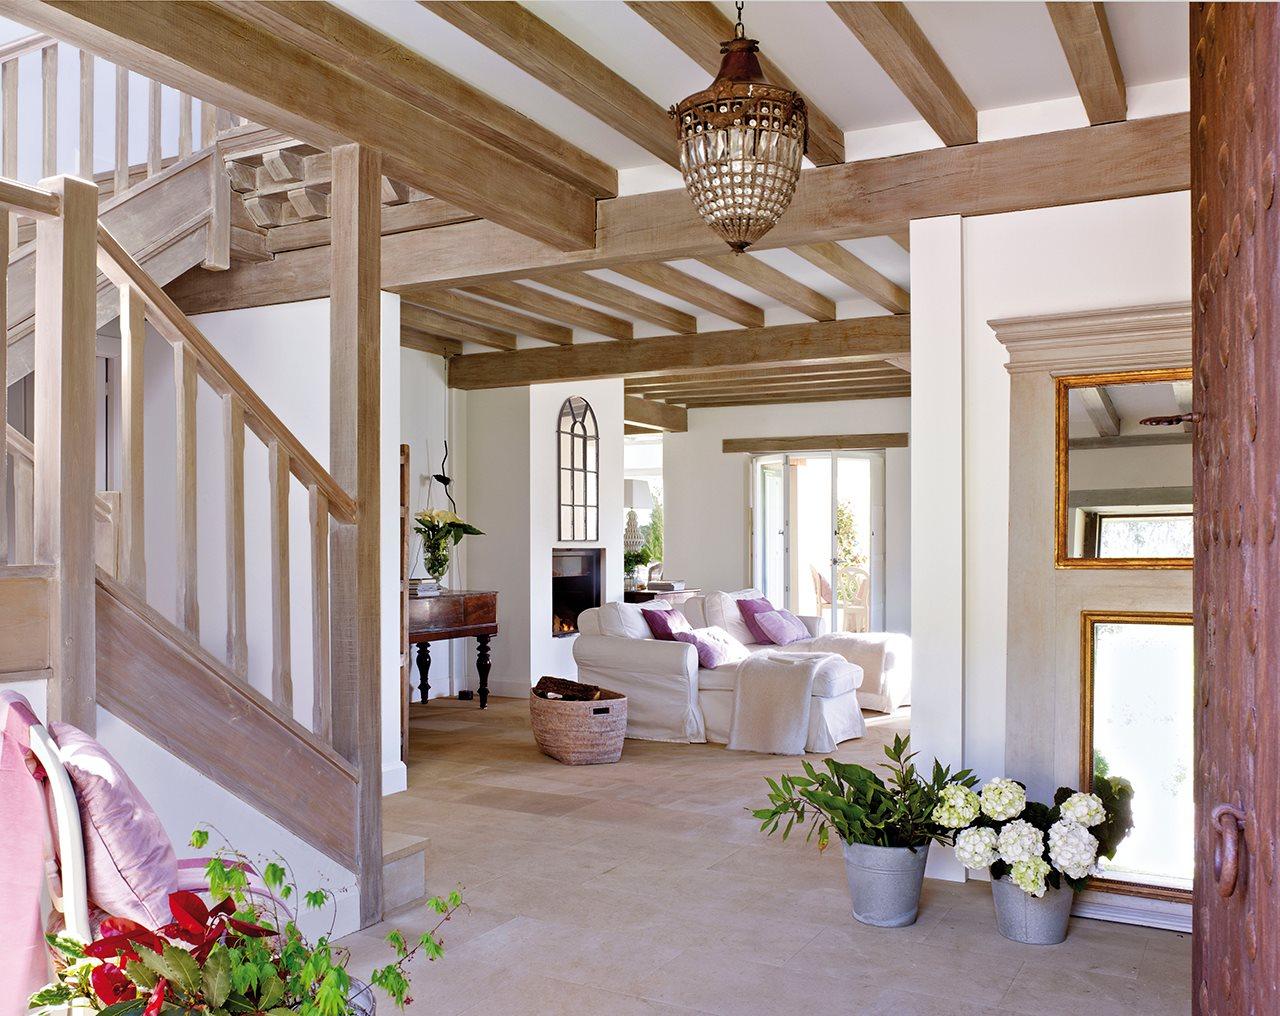 гостиная с лестницей фото в стиле прованс негатив